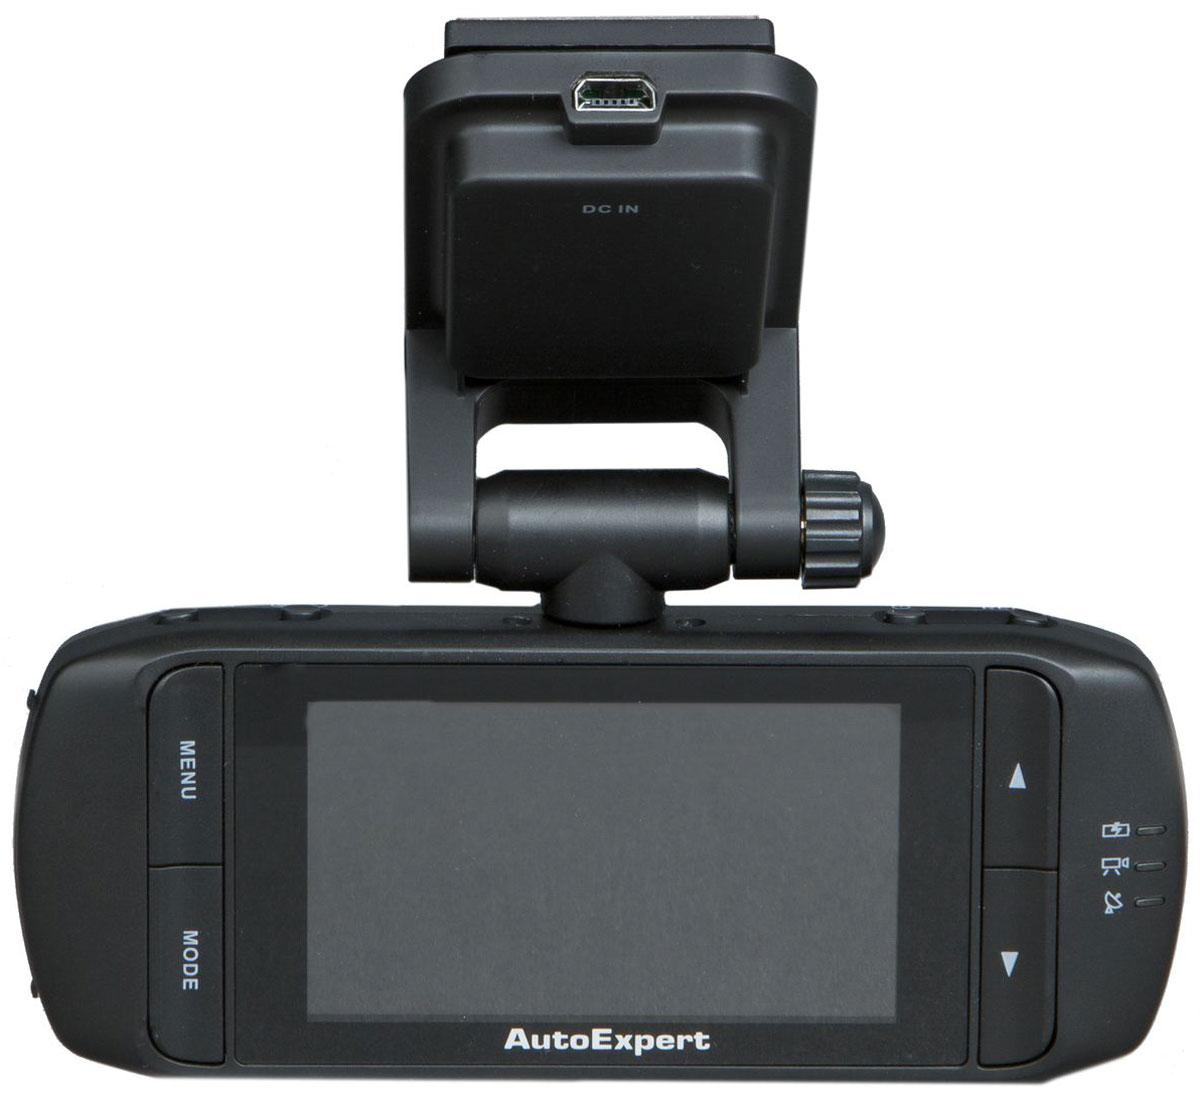 AutoExpert DVR 810, Black автомобильный видеорегистратор2170816988101Видеорегистратор AutoExpert DVR 810 – устройство, предназначенное для видеофиксации событий, связанных, в основном, с вождением автомобиля. Основная задача видеорегистратора - как можно более полно и четко зафиксировать любые неблагоприятные события, которые могут случиться во время движения автомобиля. Зафиксированные видеорегистратором материалы могут сыграть ключевую роль в спорных ситуациях на дороге. Процессор: Ambarella A2s60 (216 МГц)Матрица: Micron MI5100 (1/2,5)Формат видеозаписи: MOV (H.264 кодек)Формат фотосъемки: JPEGОбъектив: f=3.4 при F2.0Цифровое увеличение объектива: 8x (в режиме фото)Государственный номер авто: девятизначныйВстроенная память: 32 MБАккумулятор: 450 мАч